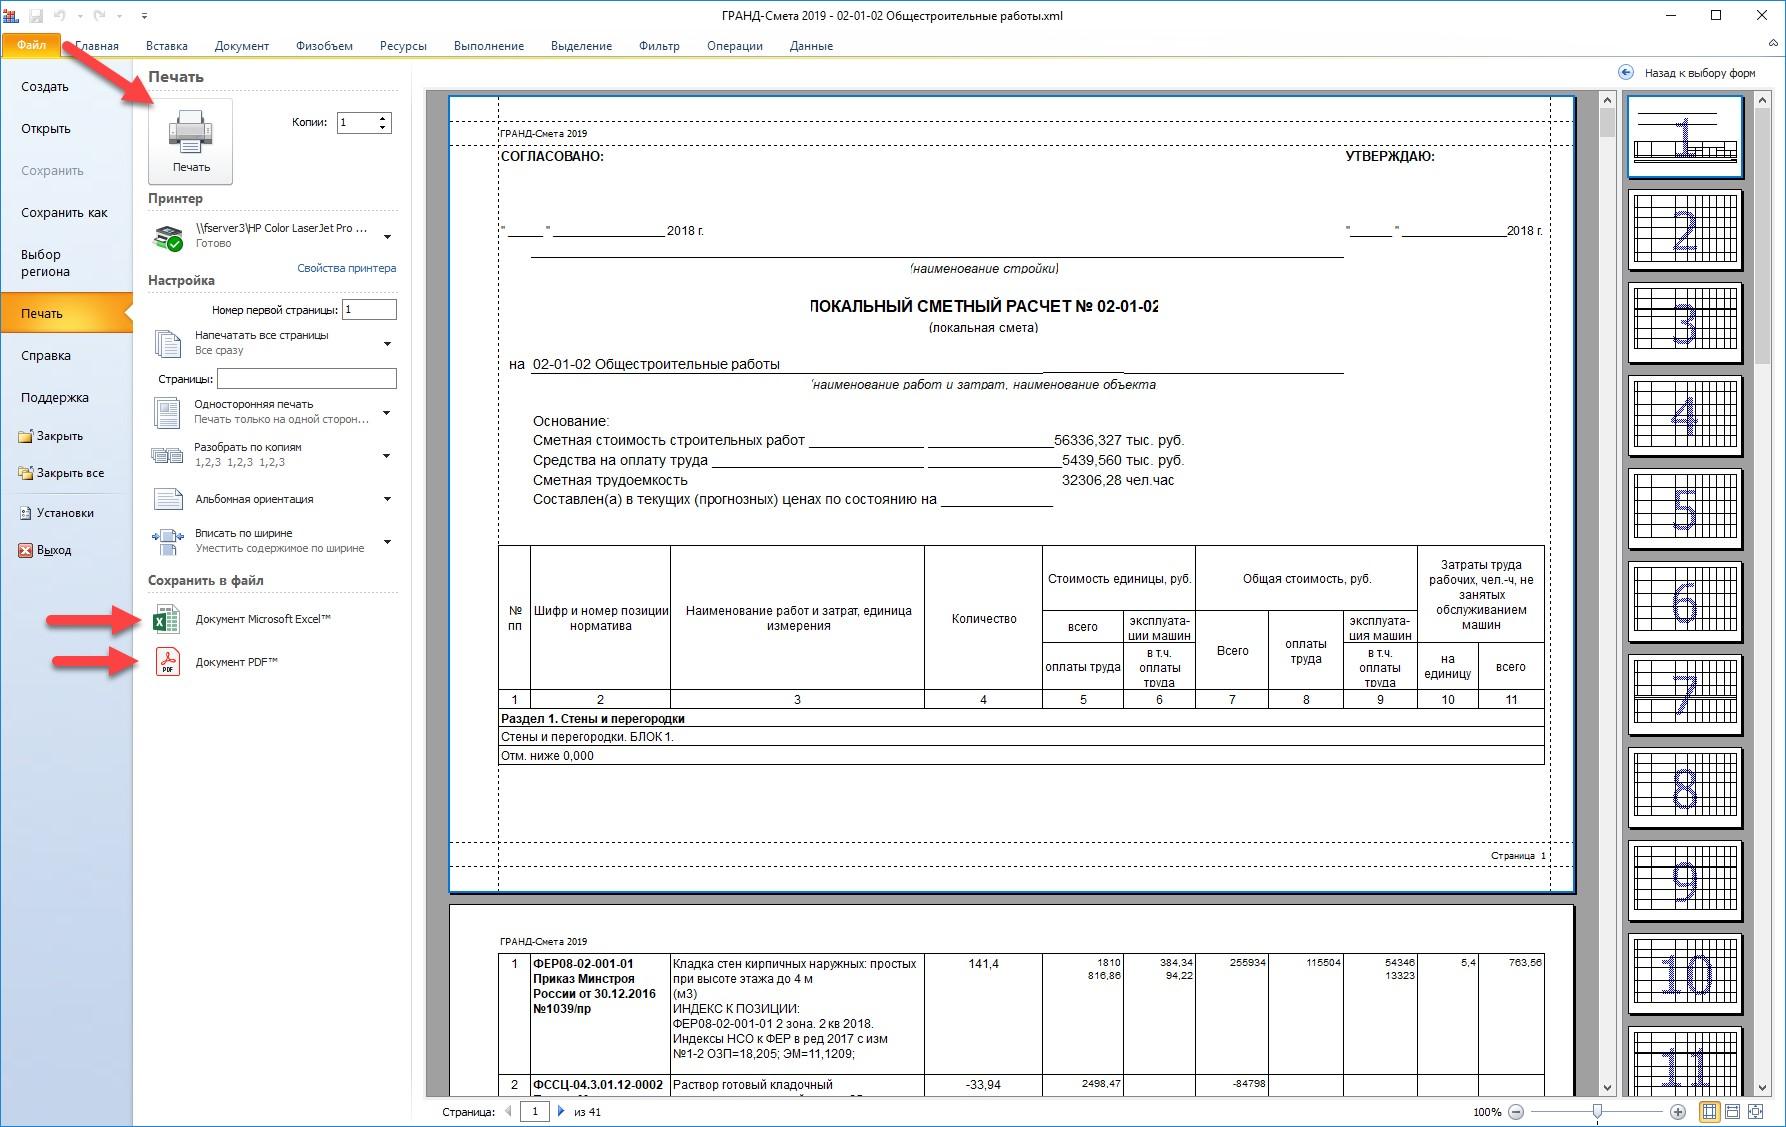 Сформированный документ может быть сразу напечатан на устройстве печати